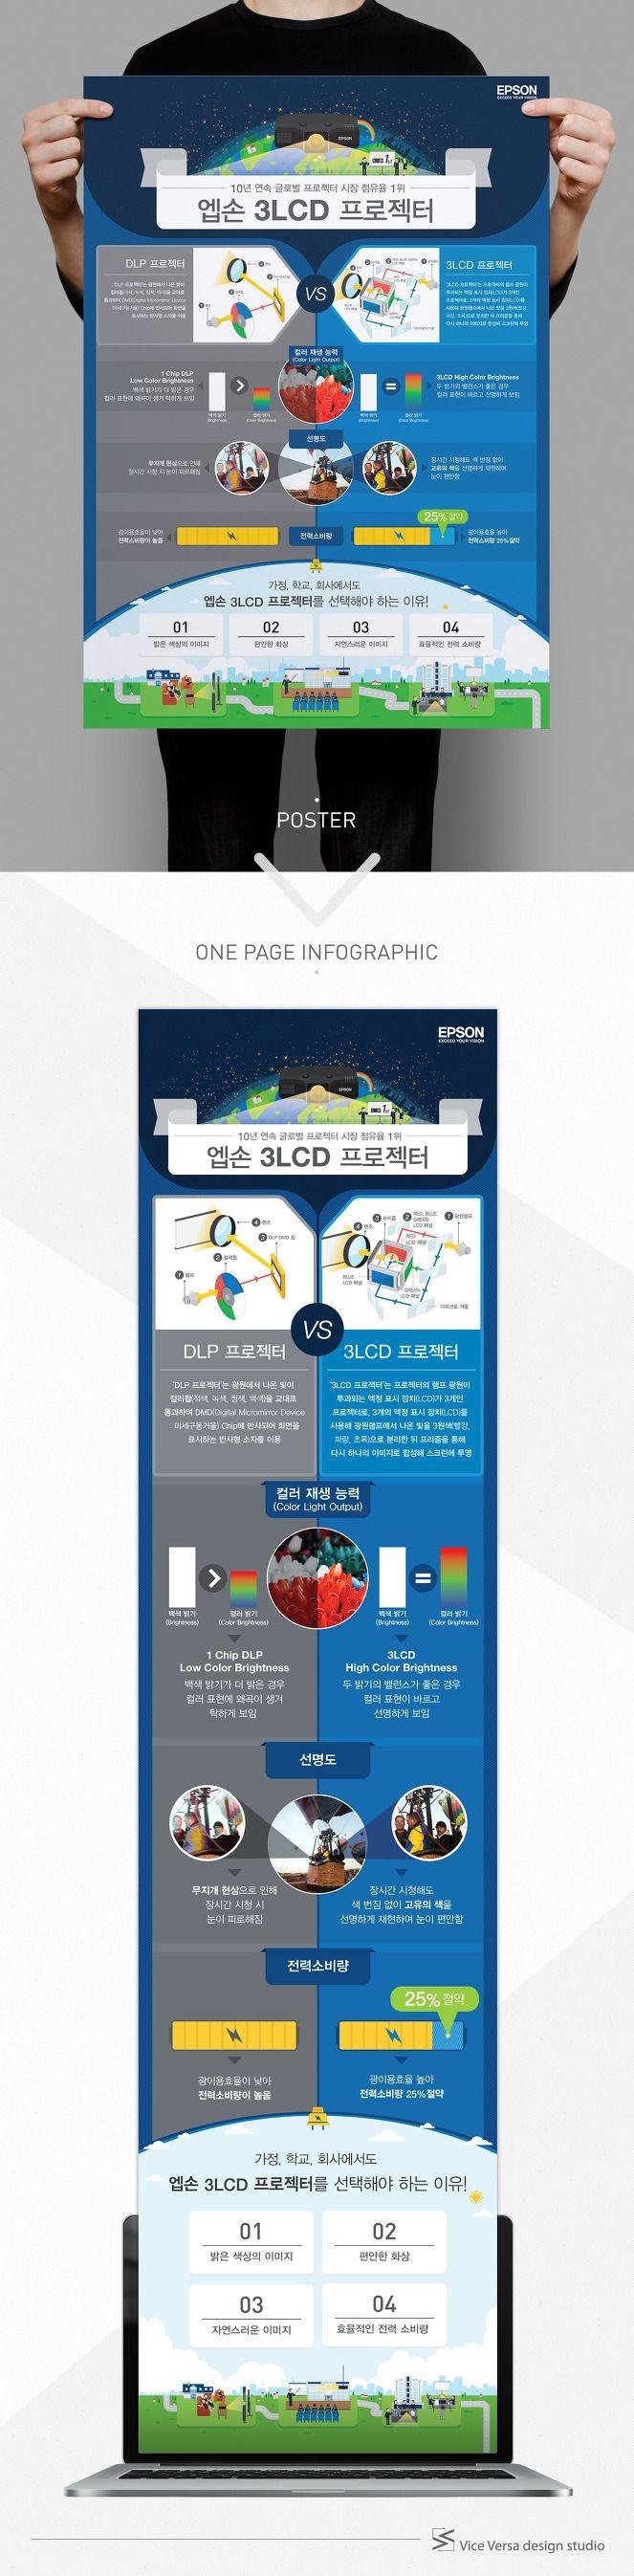 엡손 3LCD 프로젝터에 관한 인포그래픽